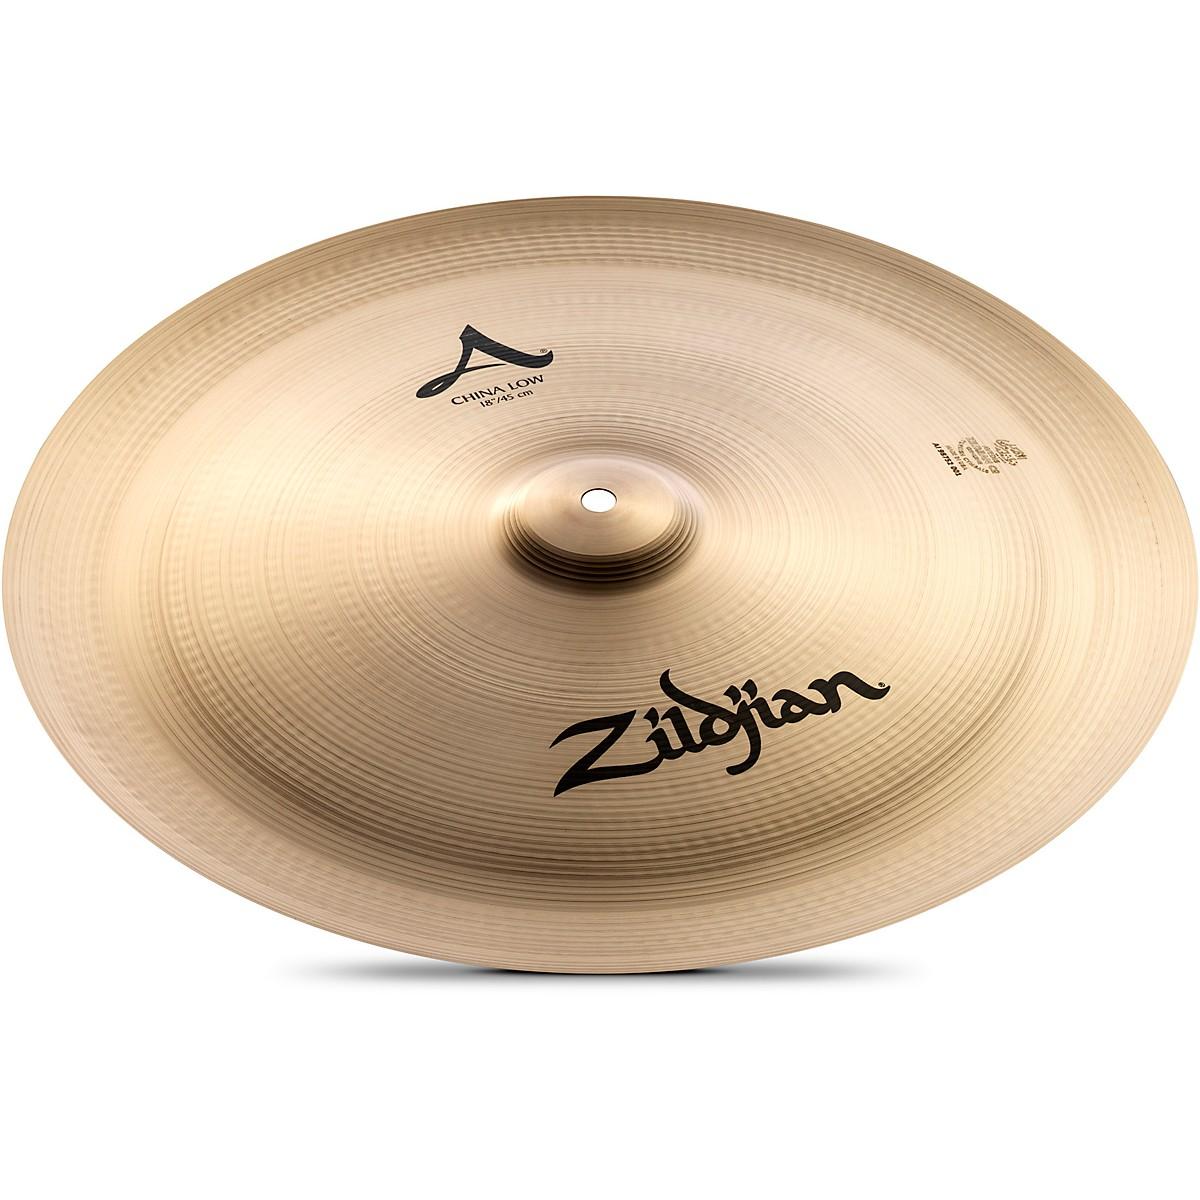 Zildjian China Low Cymbal